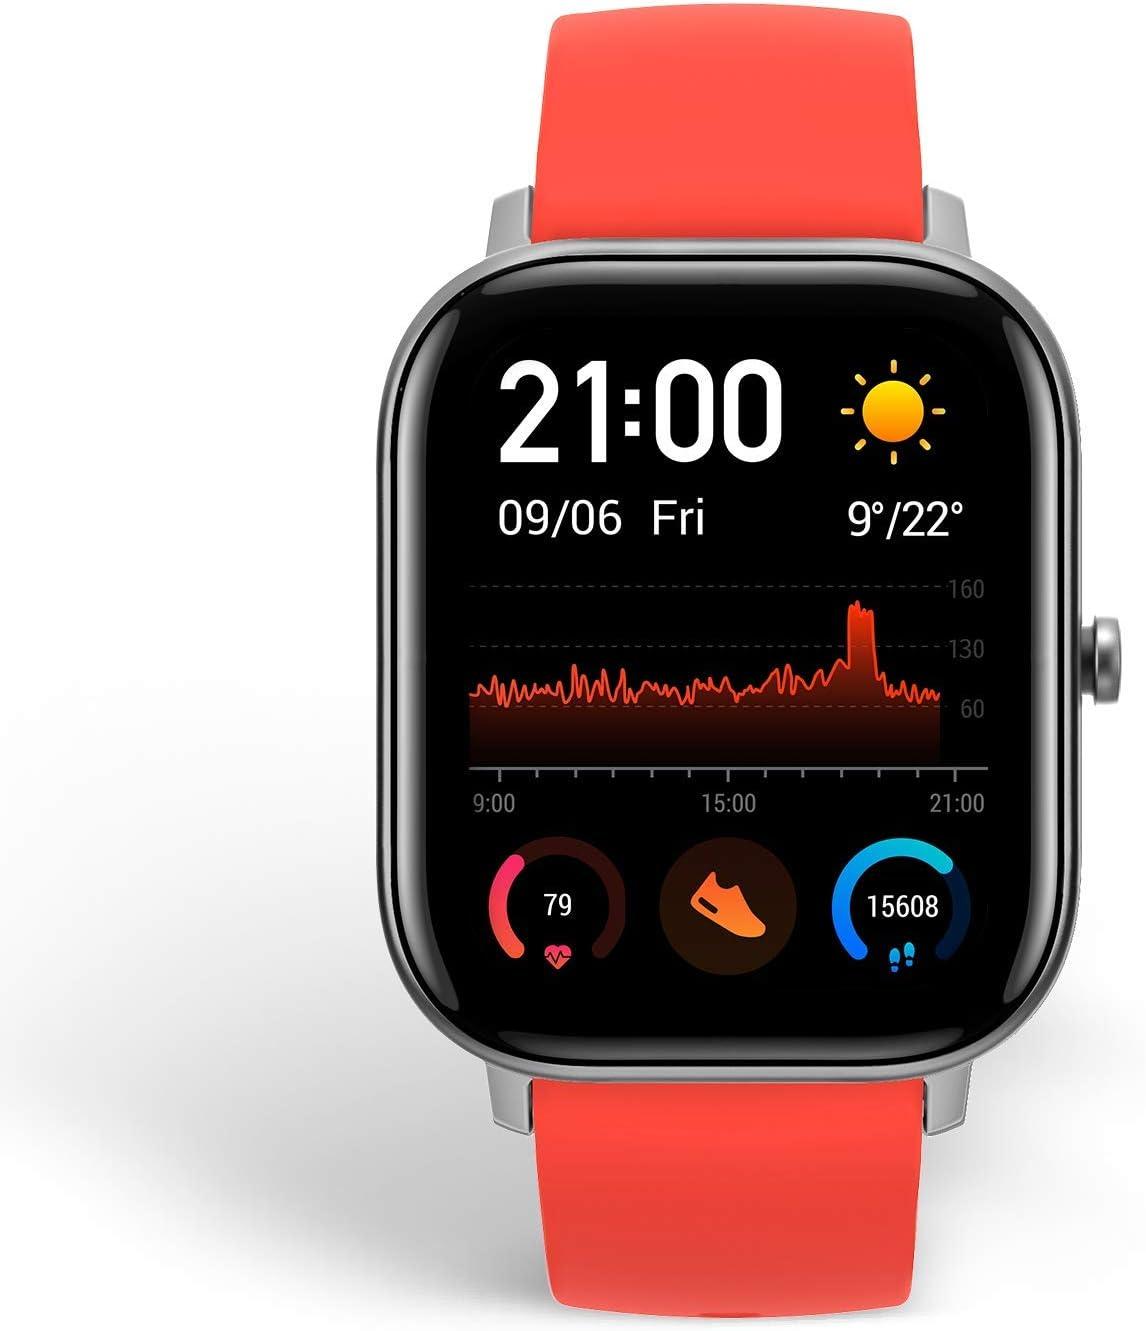 Amazfit GTS Reloj Smartwactch Deportivo | 14 días Batería | GPS+Glonass | Sensor Seguimiento Biológico BioTracker™ PPG | Frecuencia Cardíaca | Natación | Bluetooth 5.0 (iOS & Android) Orange